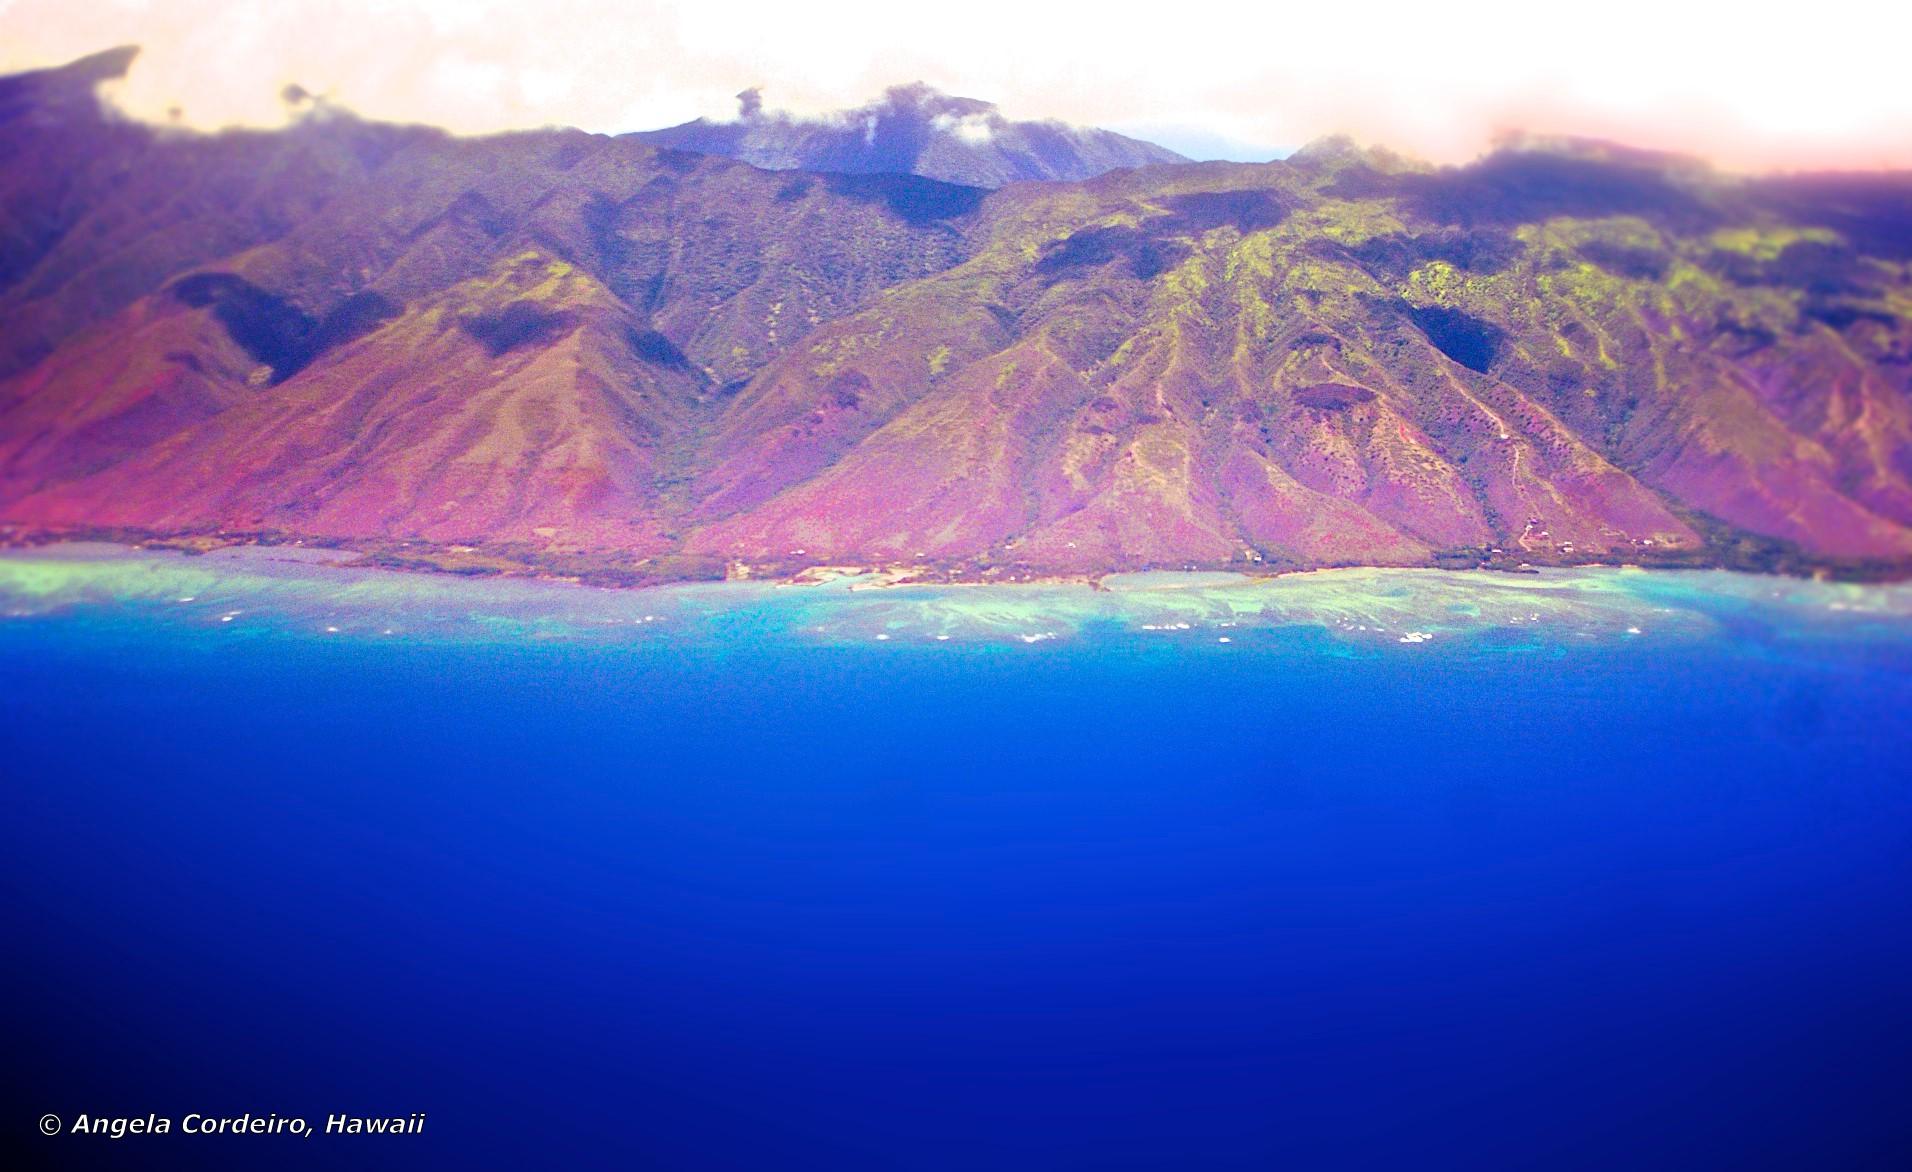 Molokai-©-Angela-Cordeiro-Hawaii.jpg